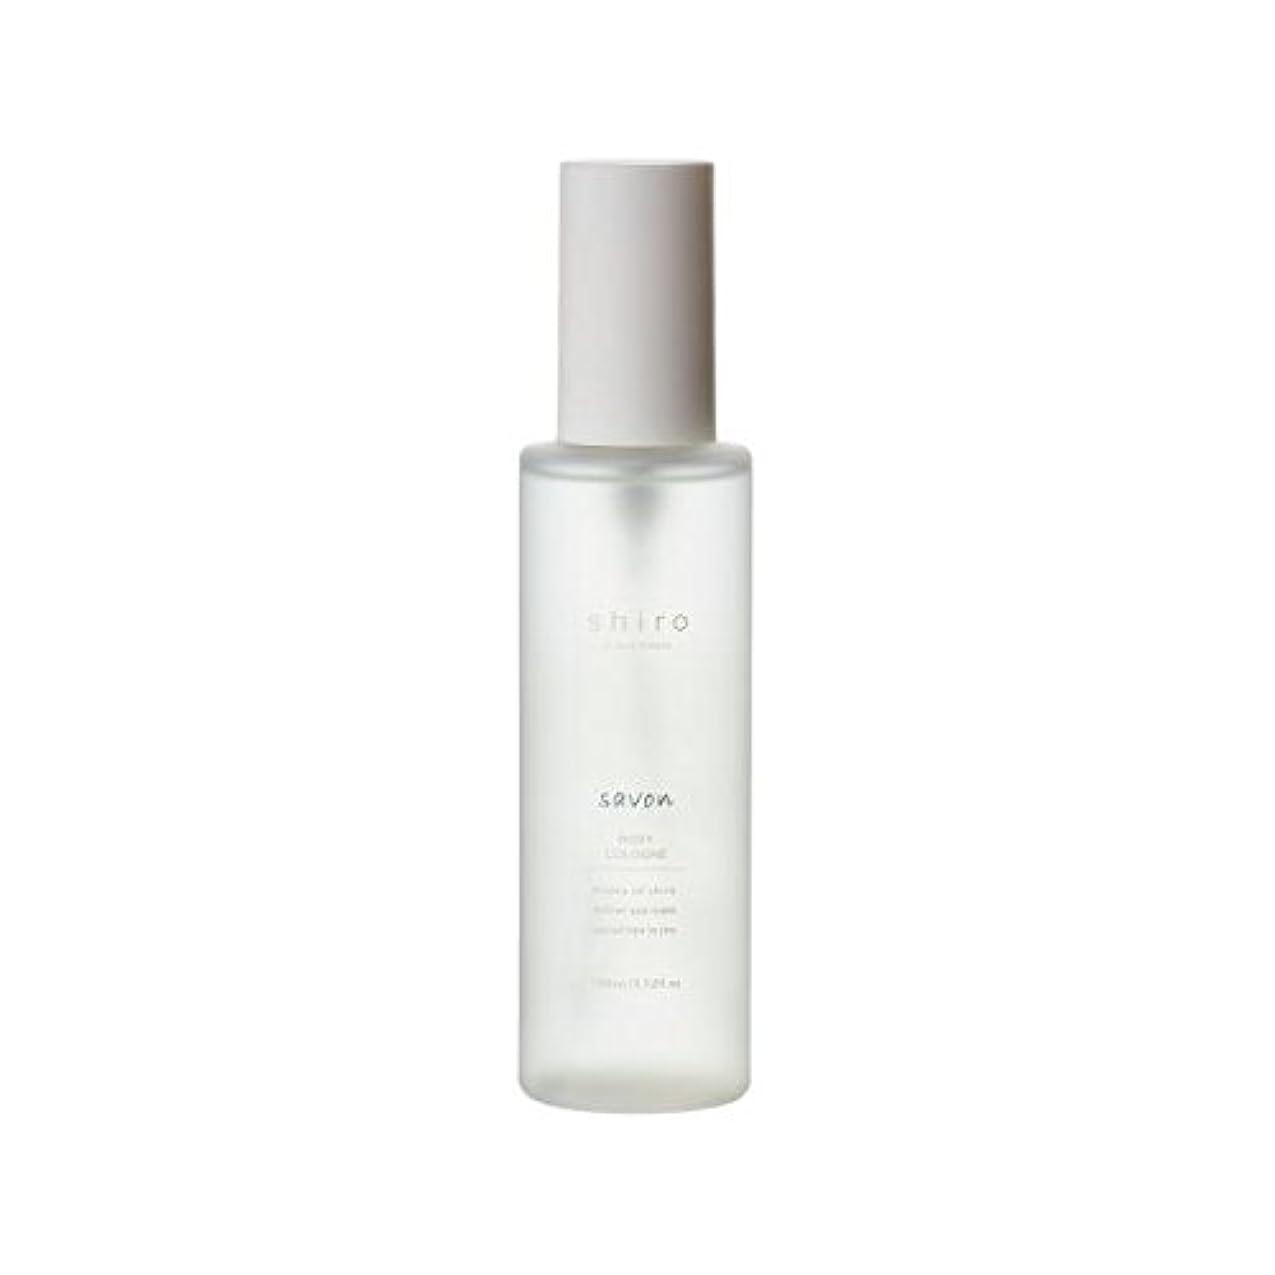 眠っている集まる提案shiro サボン ボディコロン 100ml 清潔で透明感のある自然な石けんの香り ミスト シロ